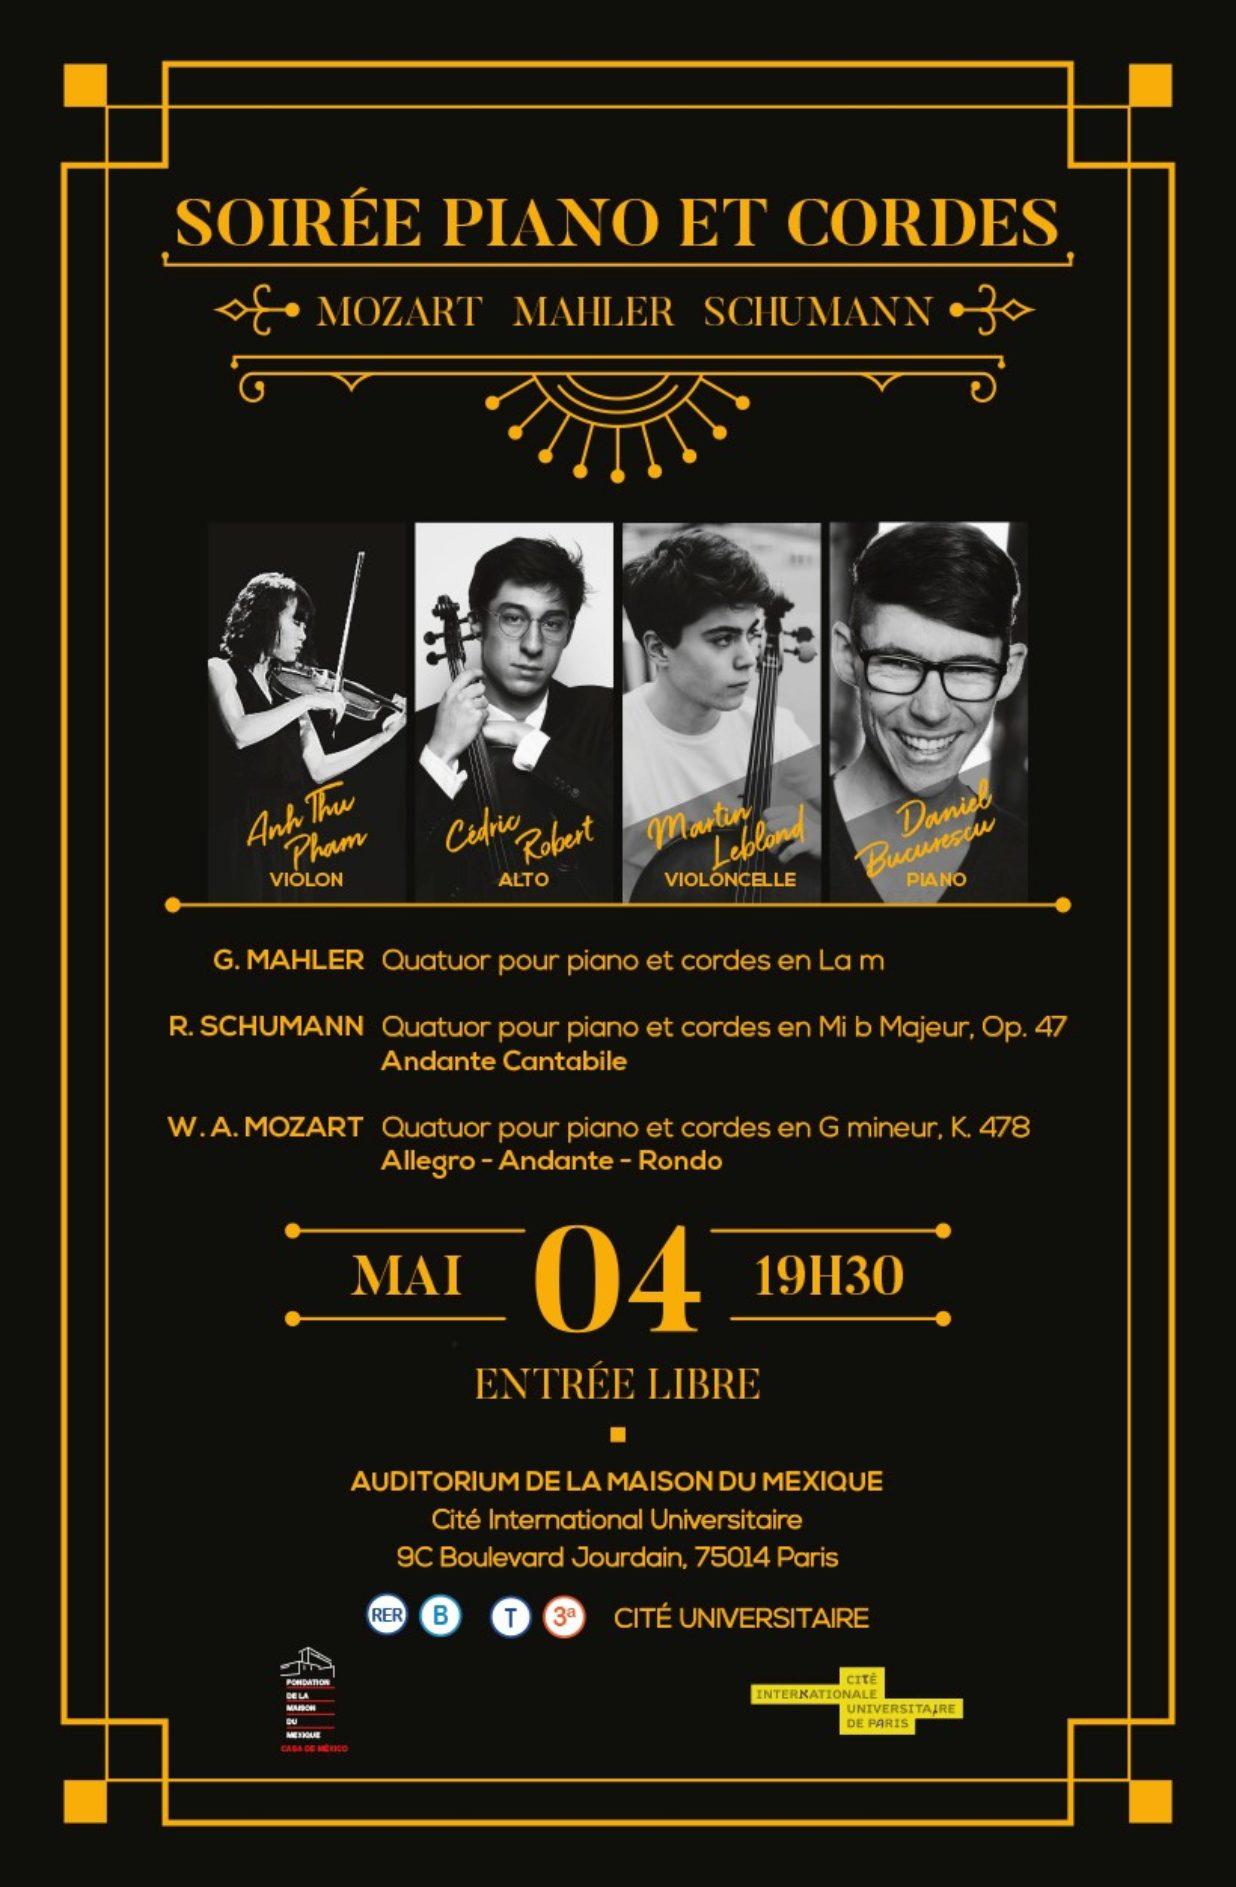 Soirée Piano et Cordes - 4 mai